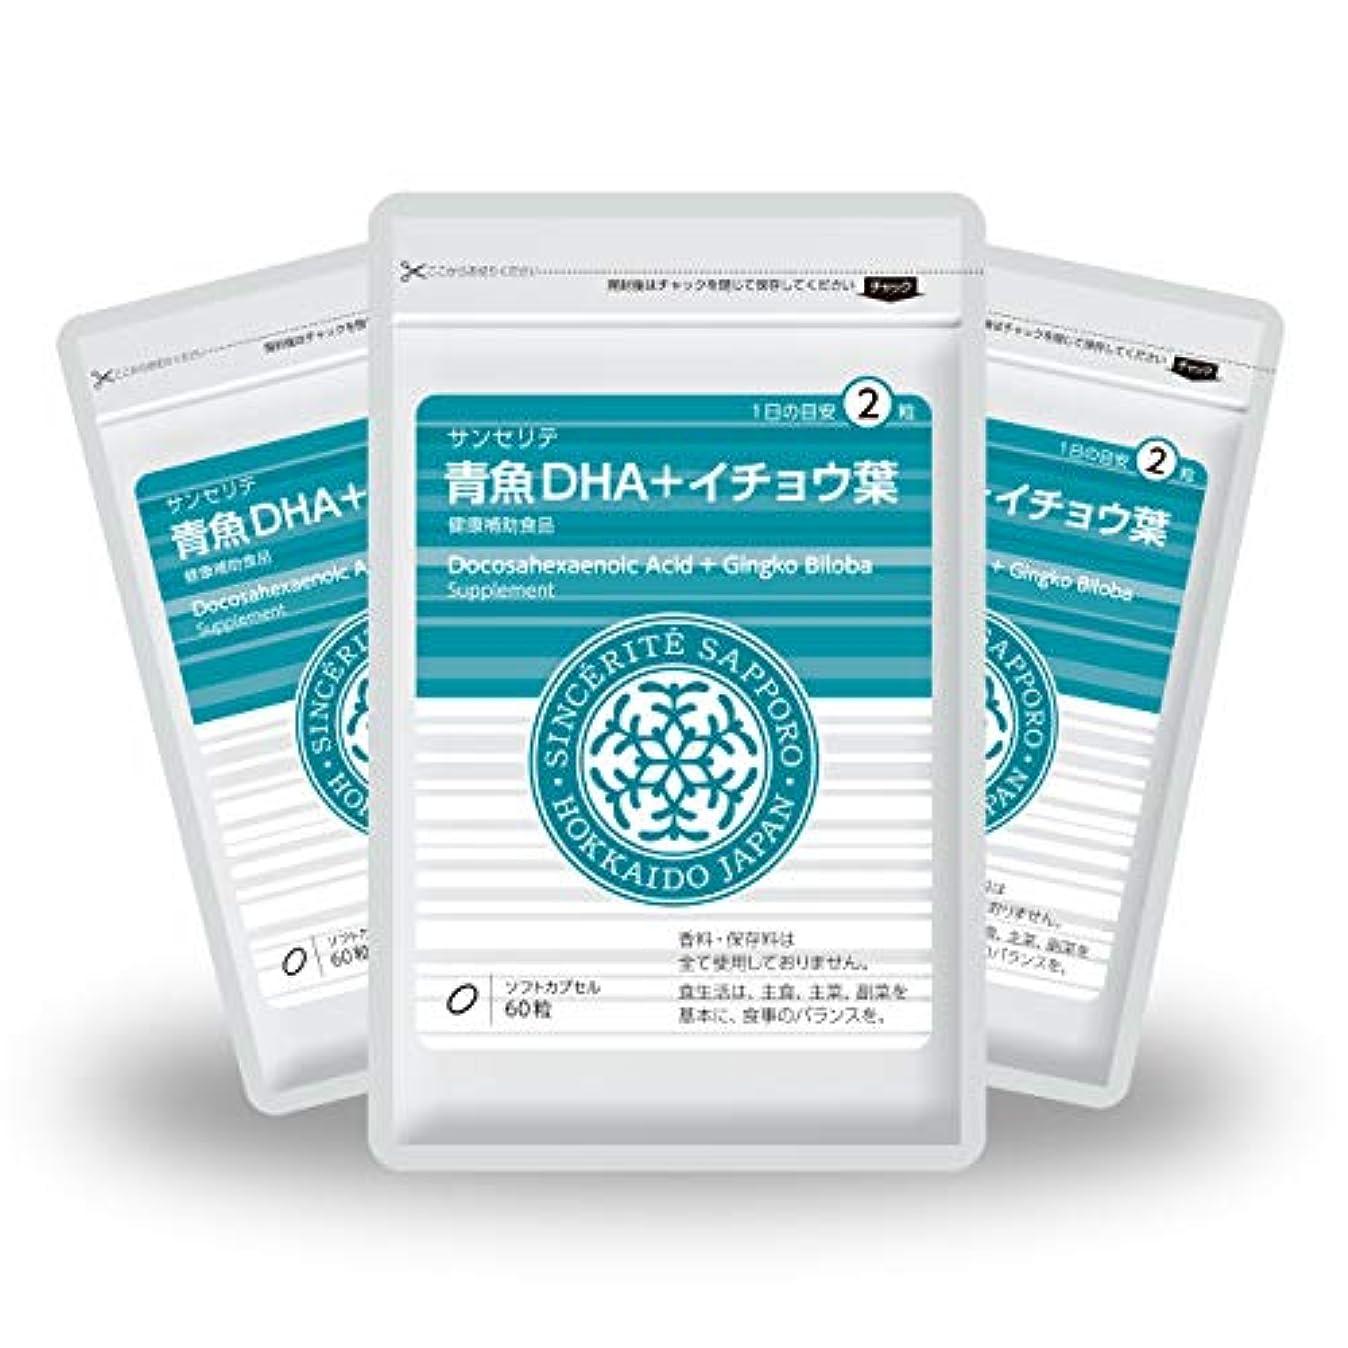 パイプエントリぞっとするような青魚DHA+イチョウ葉 3袋セット[送料無料][DHA]101mg配合[国内製造]お得な90日分